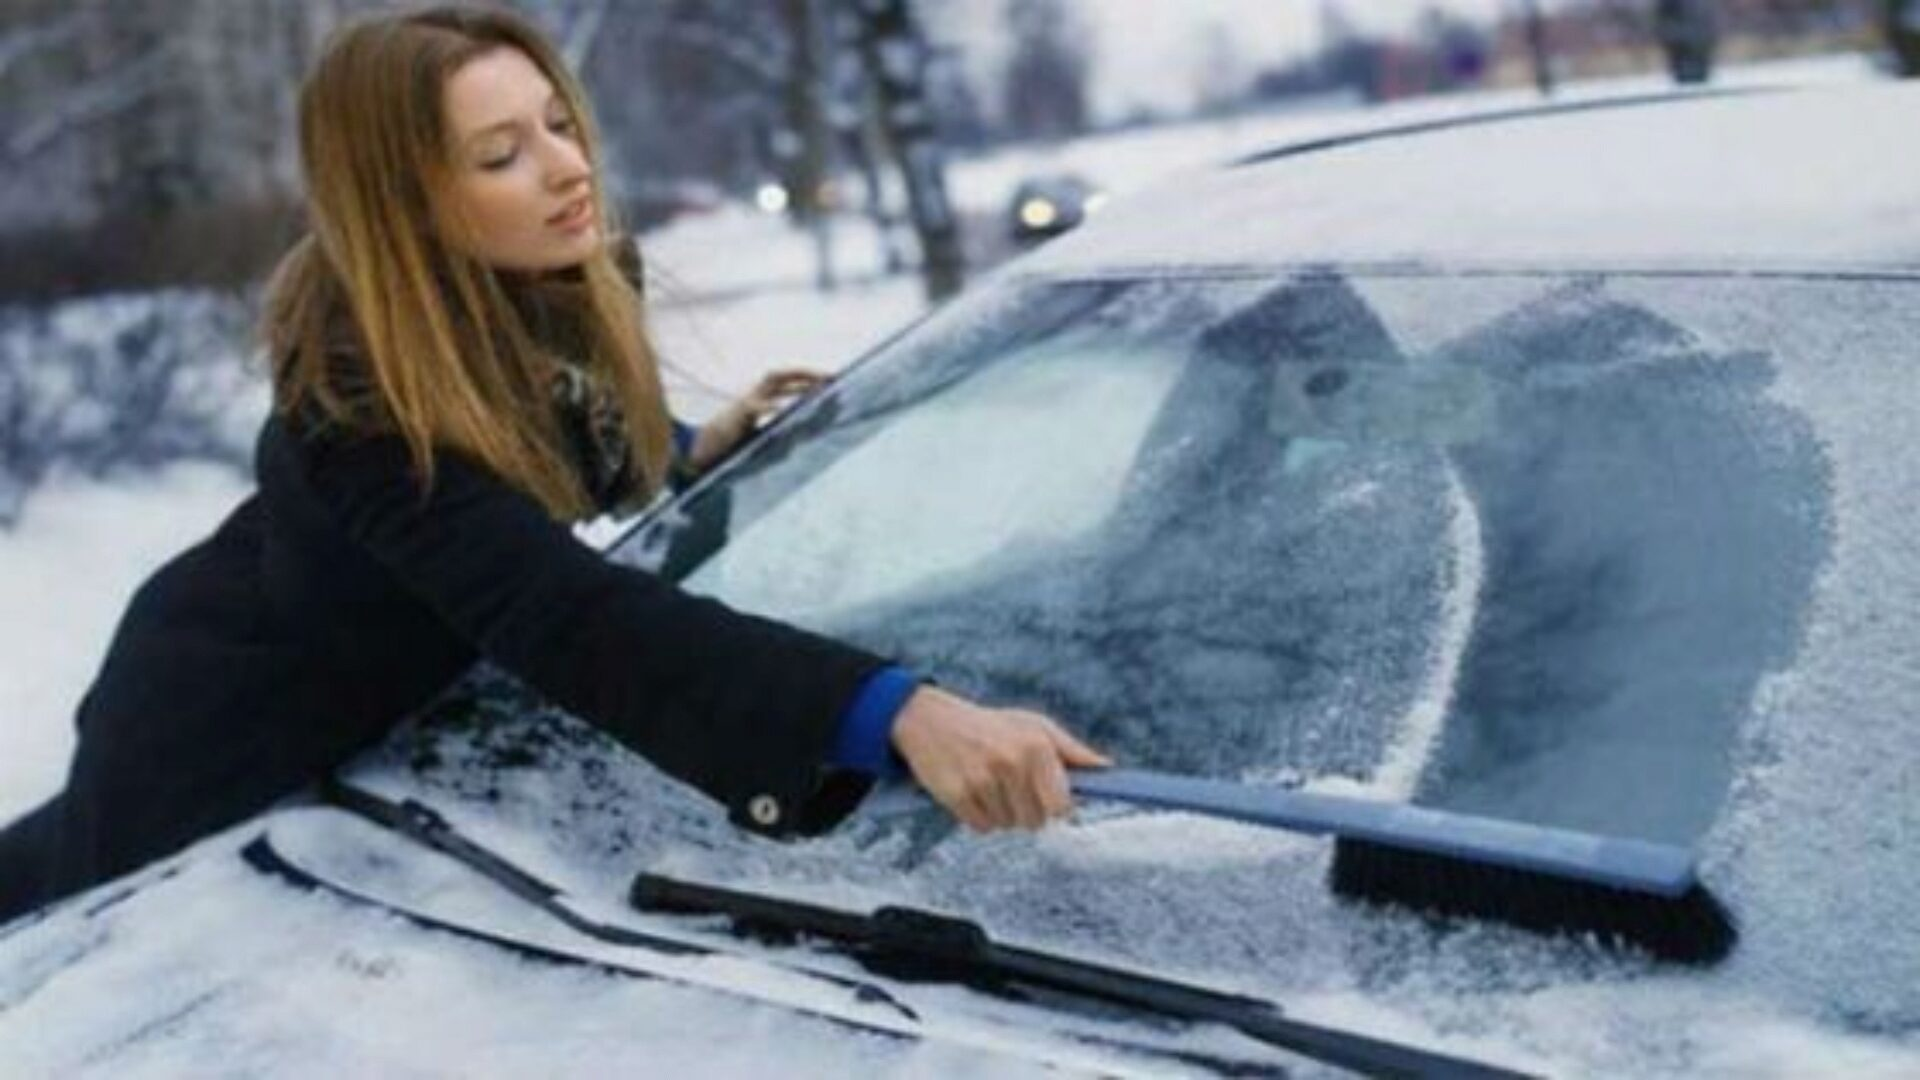 Мягкой щеткой можно быстро смести снег со стекла